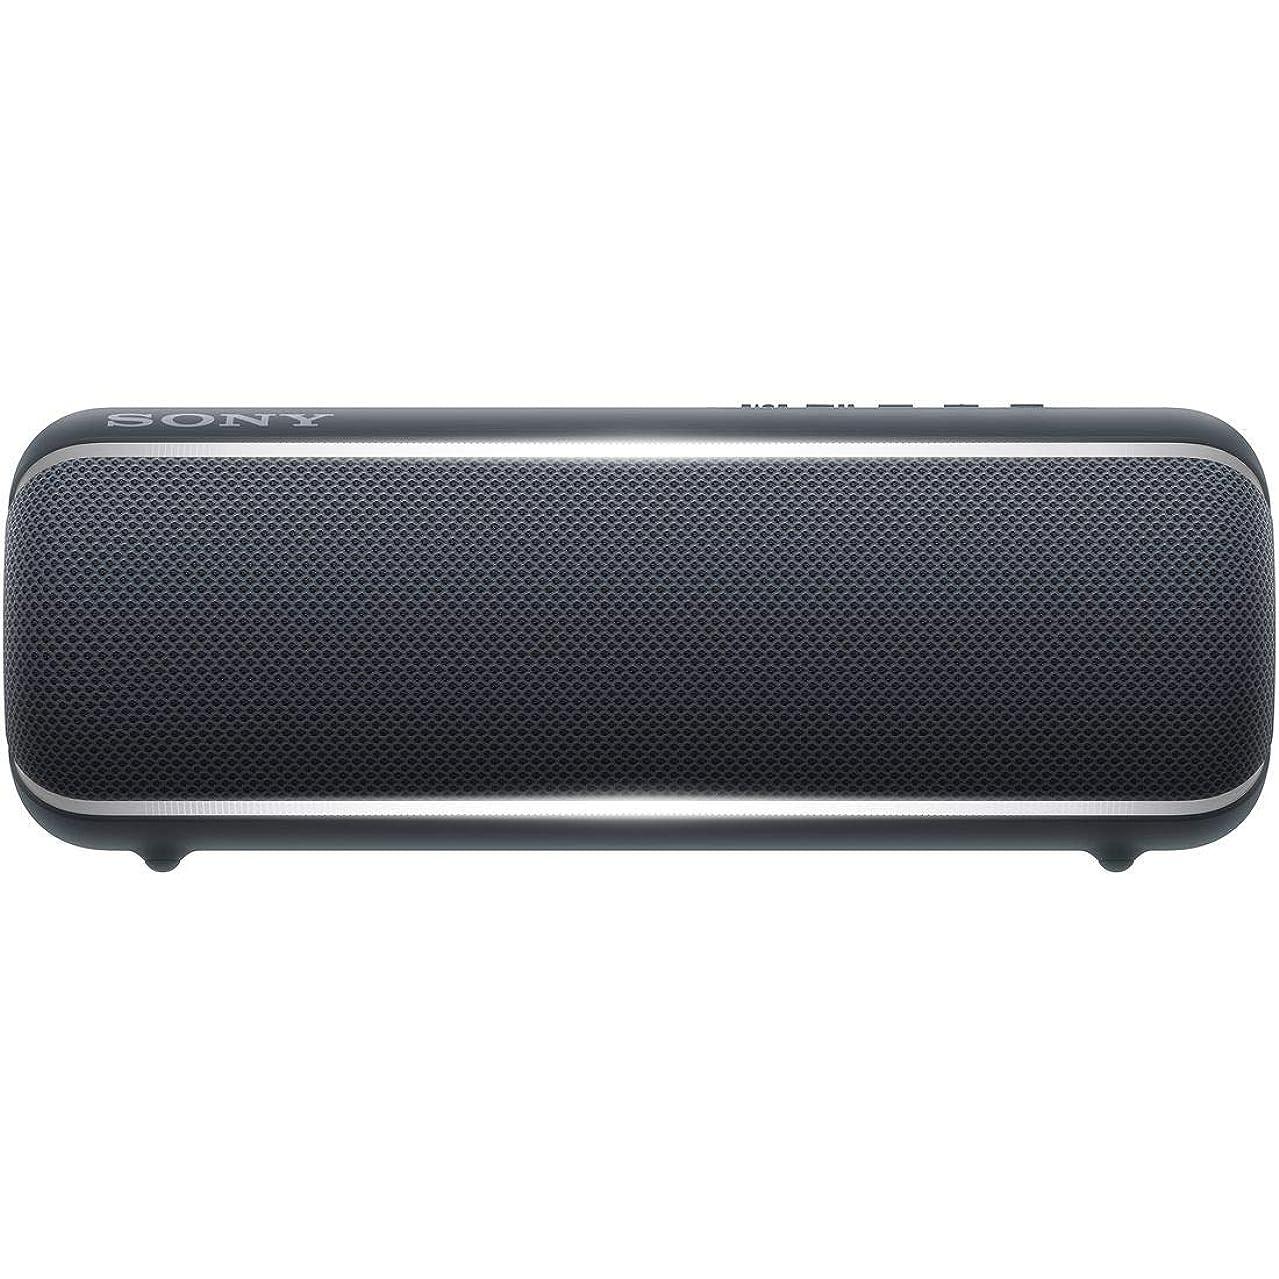 気楽な恵みレバーJVC NAGARAKU SP-A10BT ウェアラブルネックスピーカー ワイヤレス Bluetooth 約20時間連続再生 本体約88g軽量設計 ブラック SP-A10BT-B